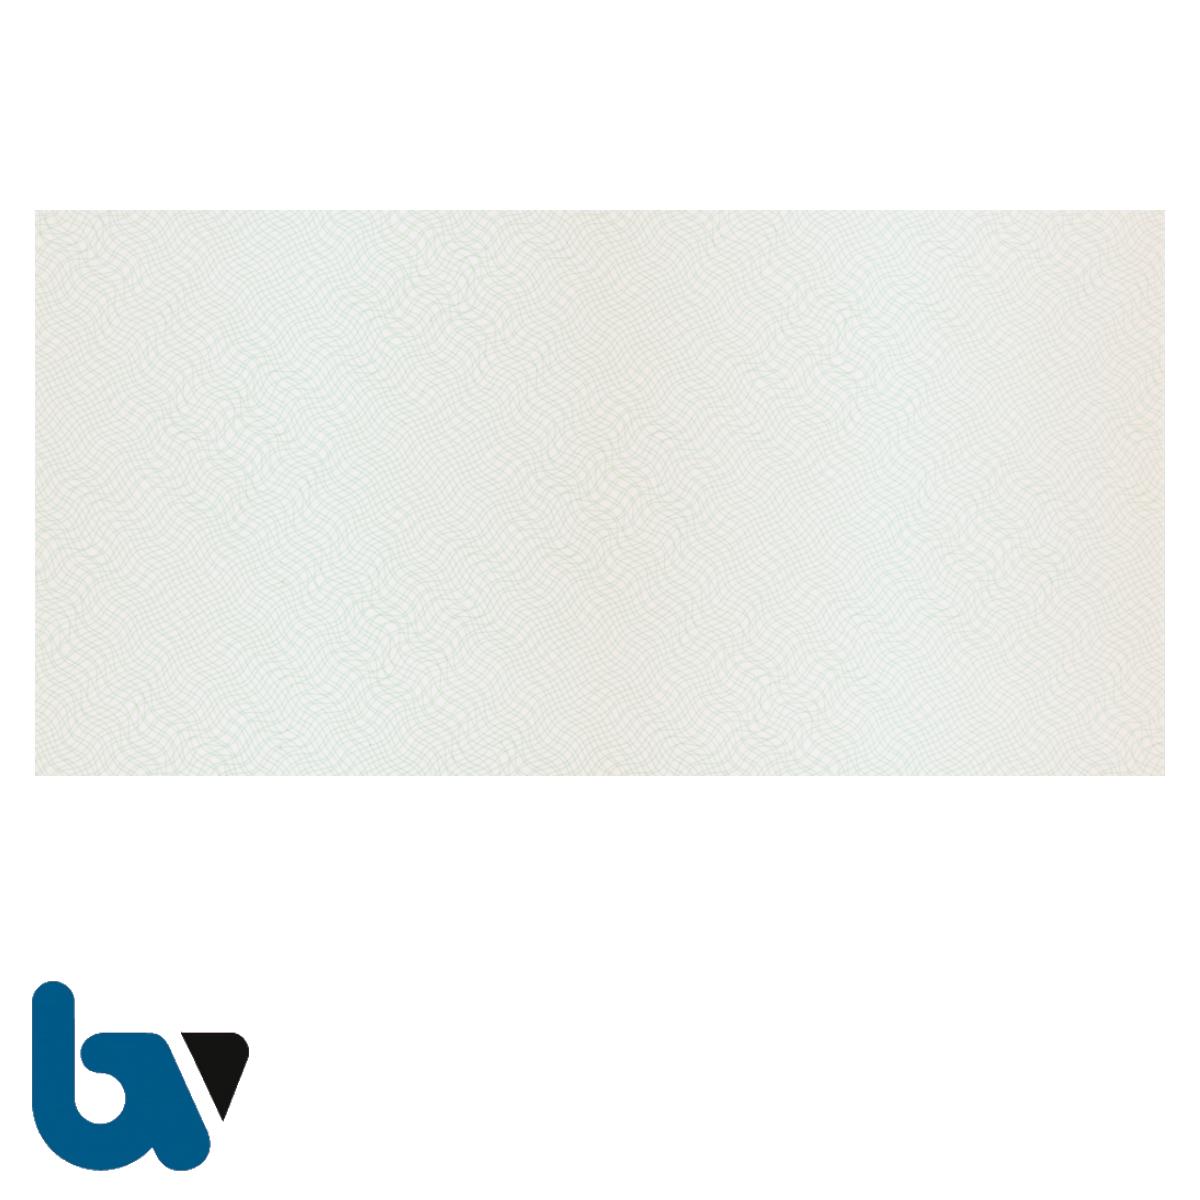 401 TW Beiblatt Zulassungsbescheinigung Teil 1 Fahrzeugschein Pretex Guilloche zweifarbig grün braun 210 105 | Borgard Verlag GmbH